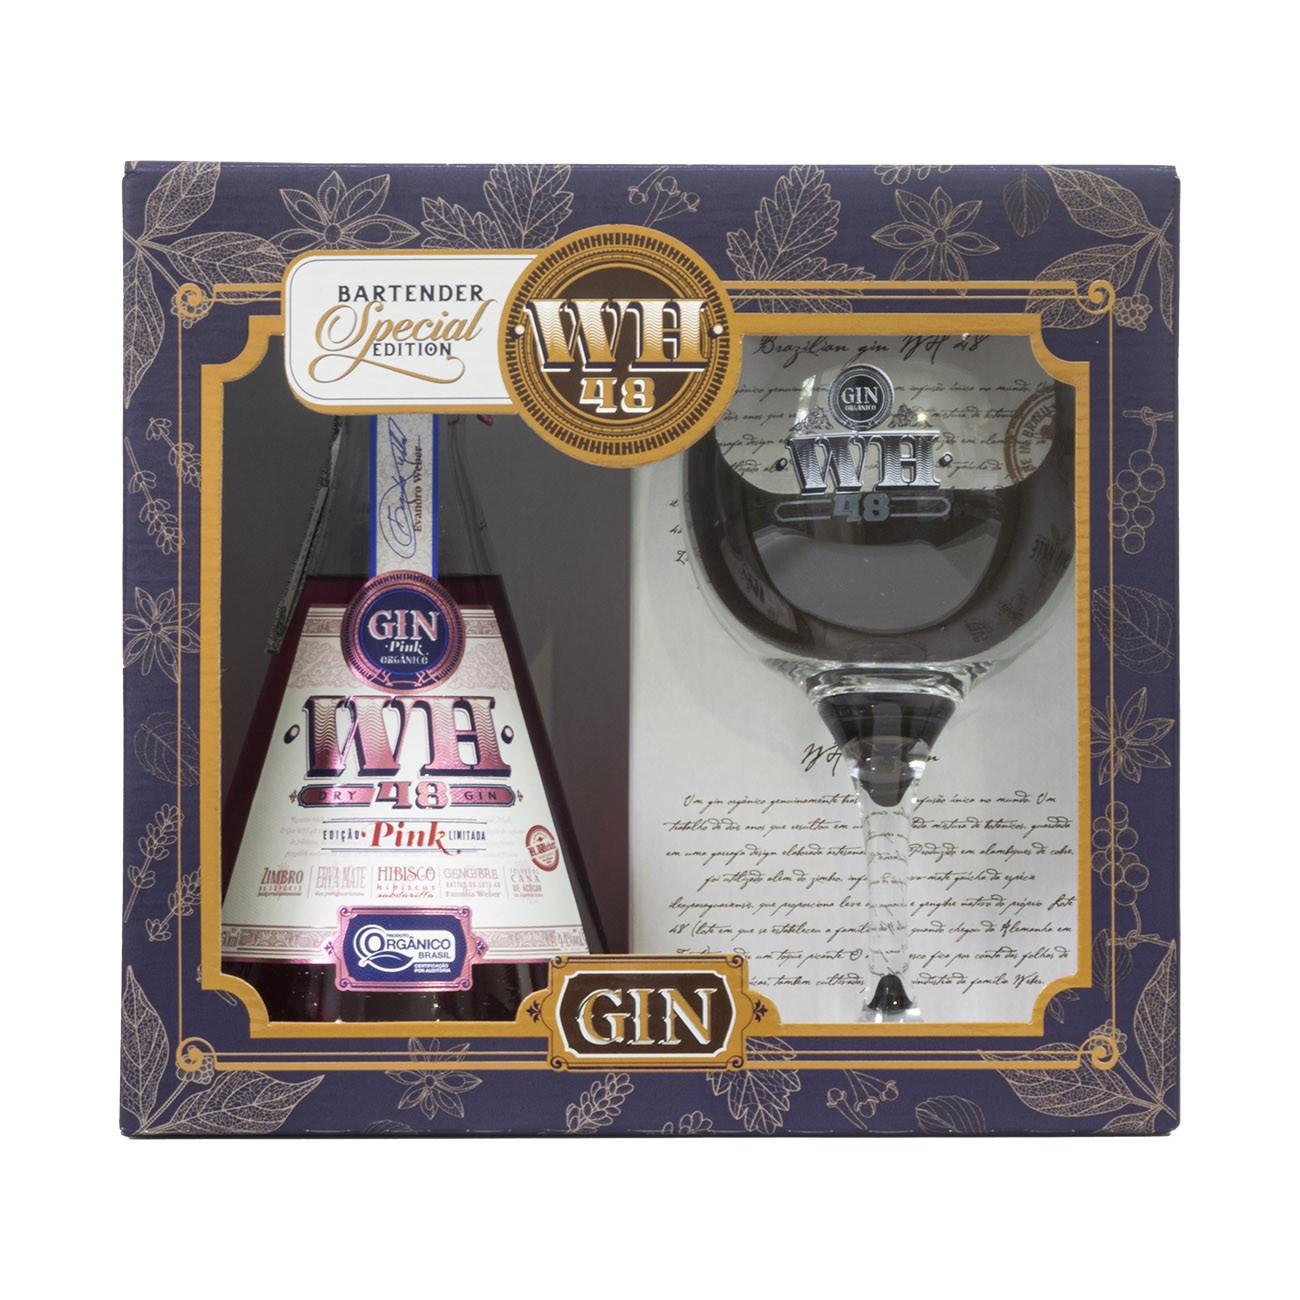 Kit com um Gin WH48 Pink 750ml e uma Taça De Gin Tonica 600ml.